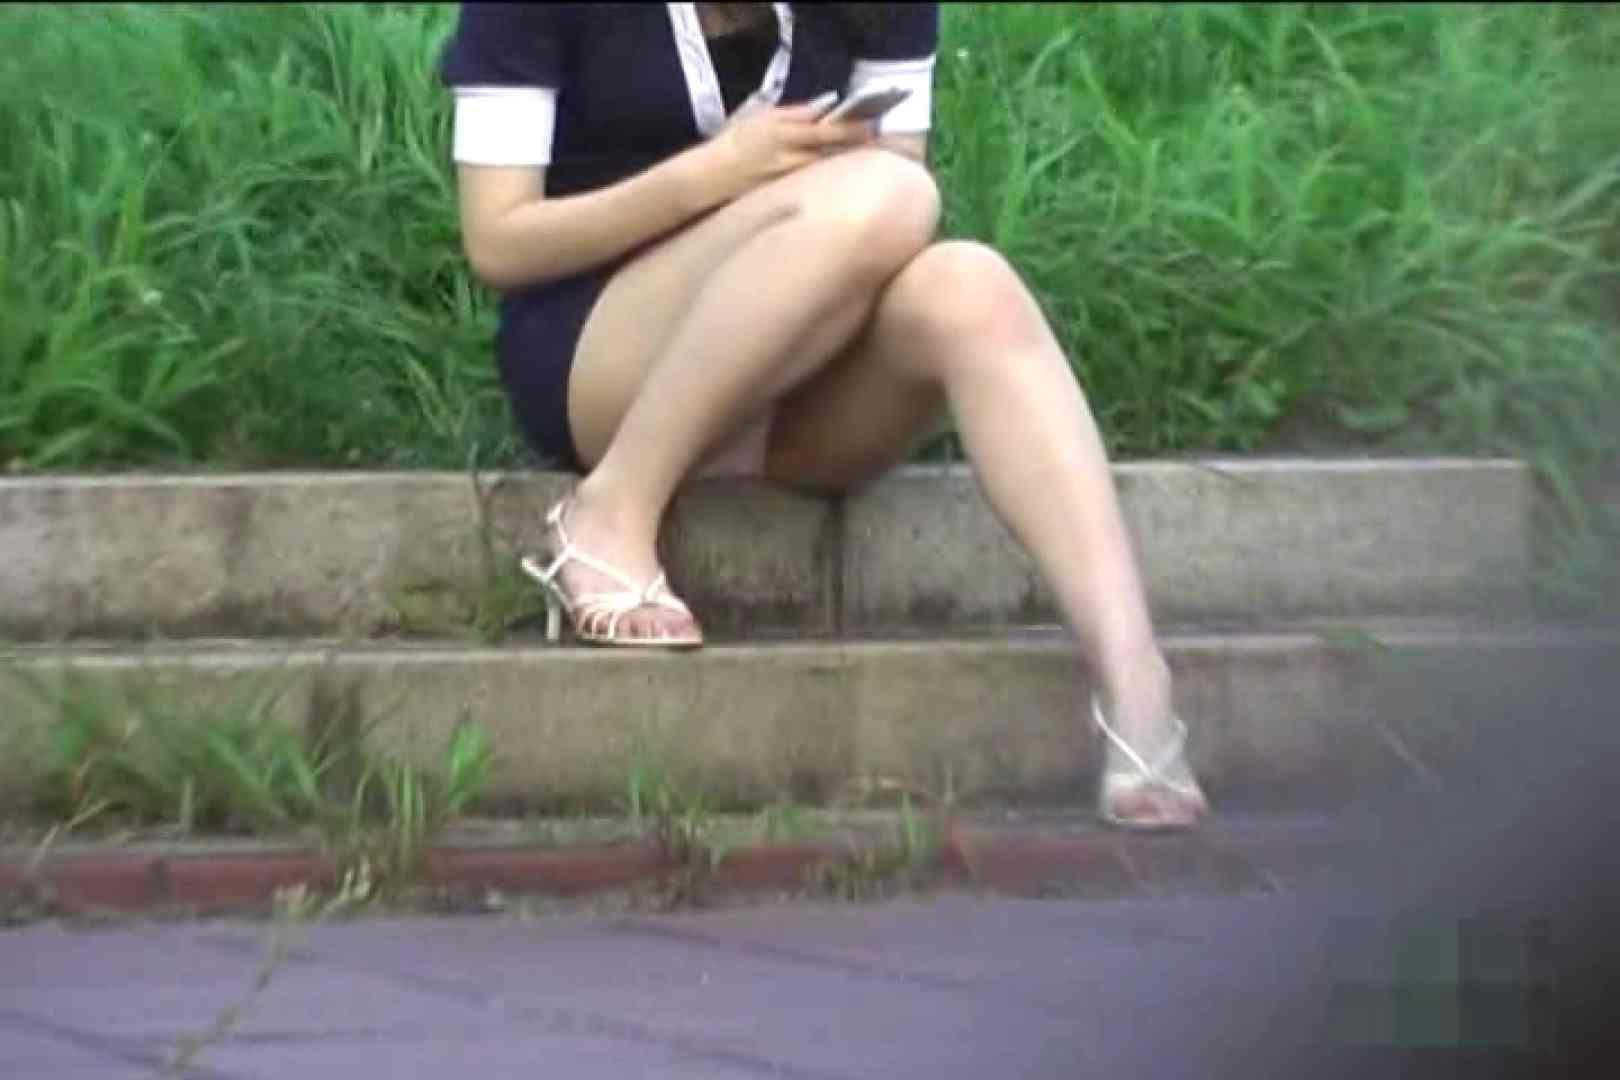 検証!隠し撮りスカートめくり!!Vol.8 ミニスカート  108画像 24